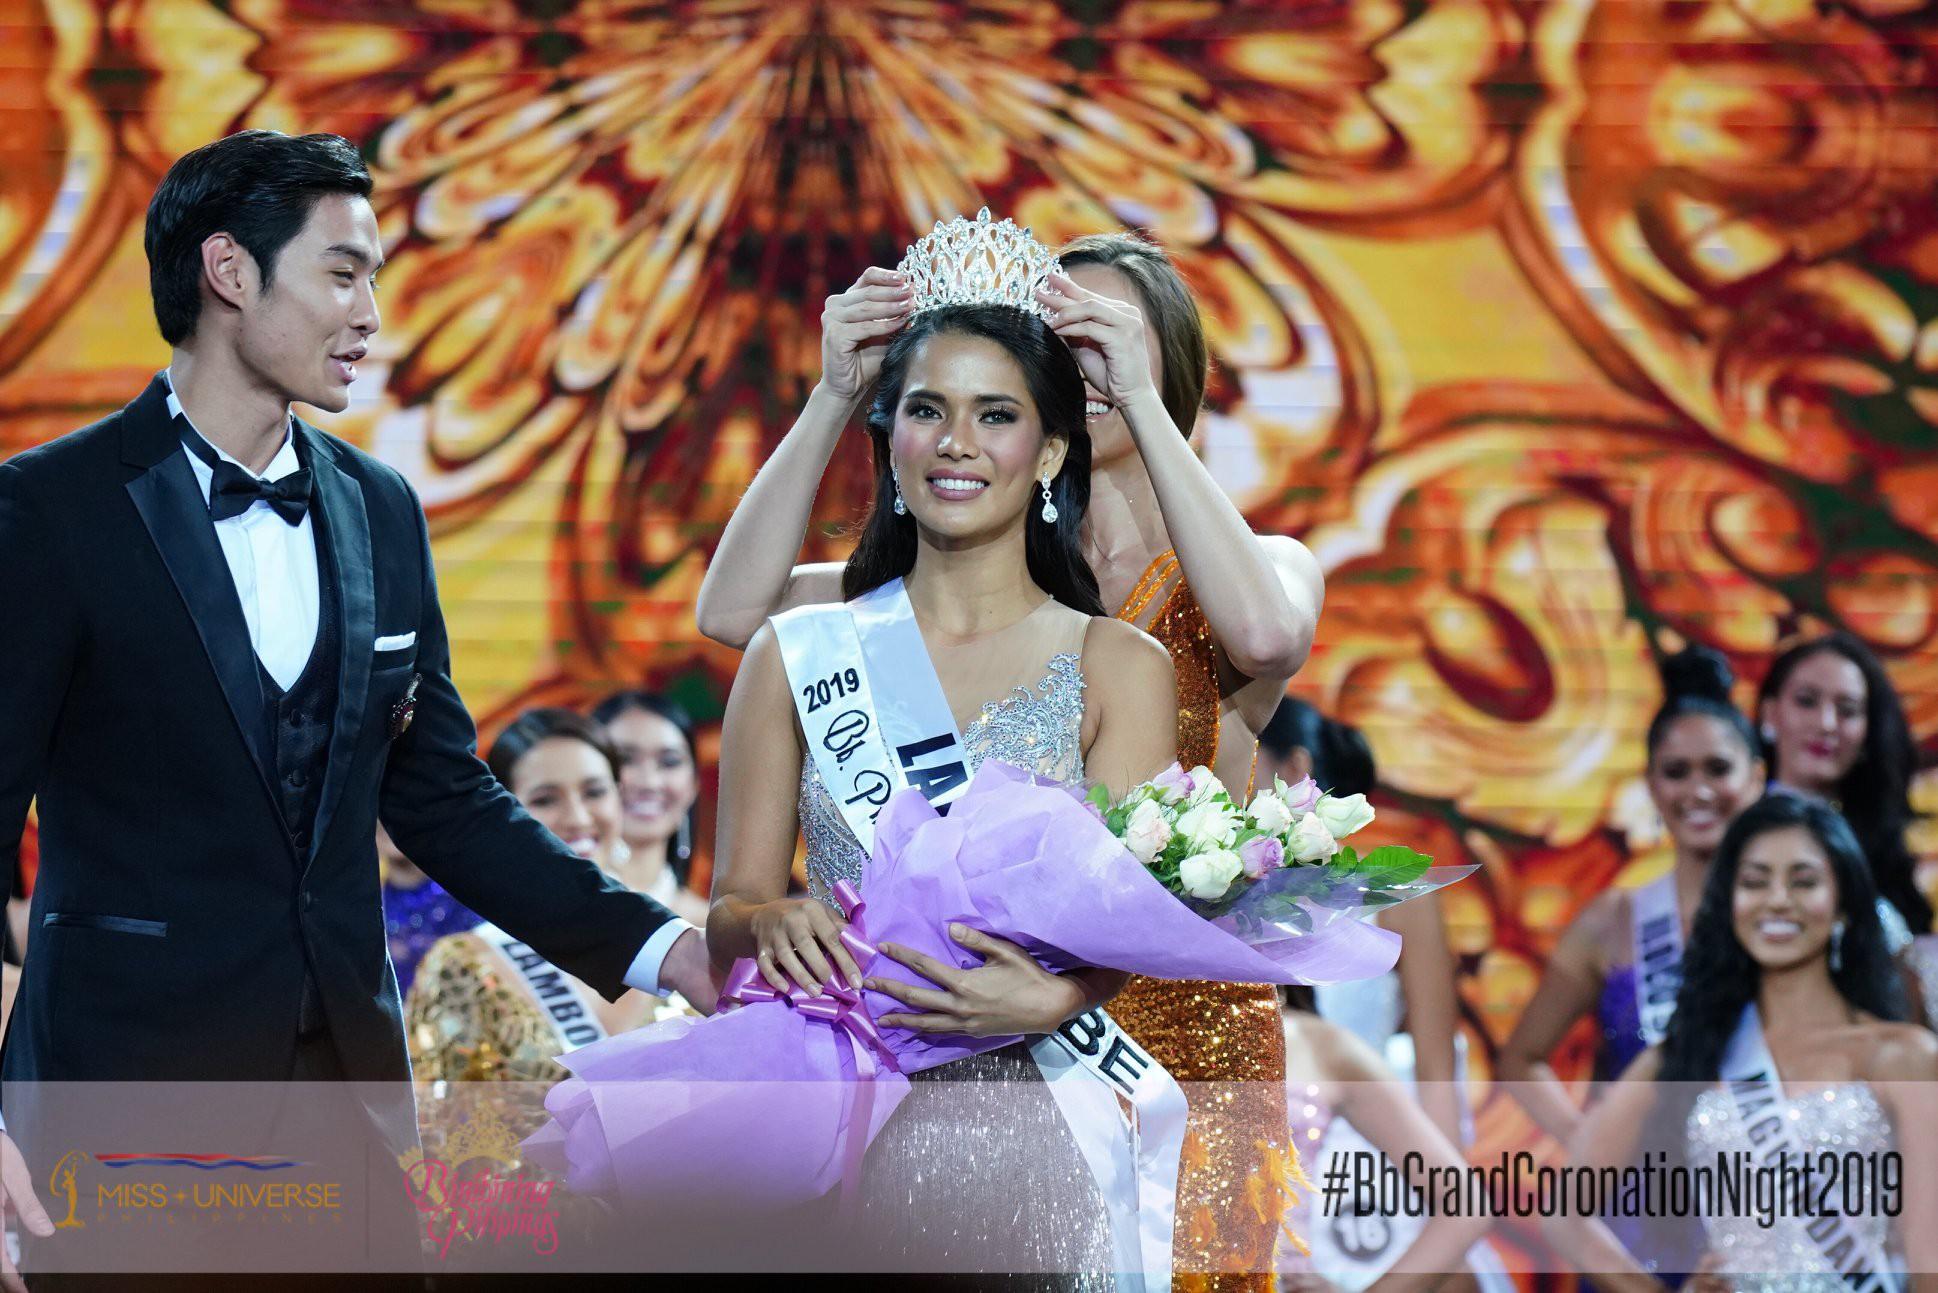 Hoa hậu Hoàn vũ Philippines 2019 lộ diện, được dự đoán tiếp tục gây sốt tại Miss Universe  - Ảnh 7.